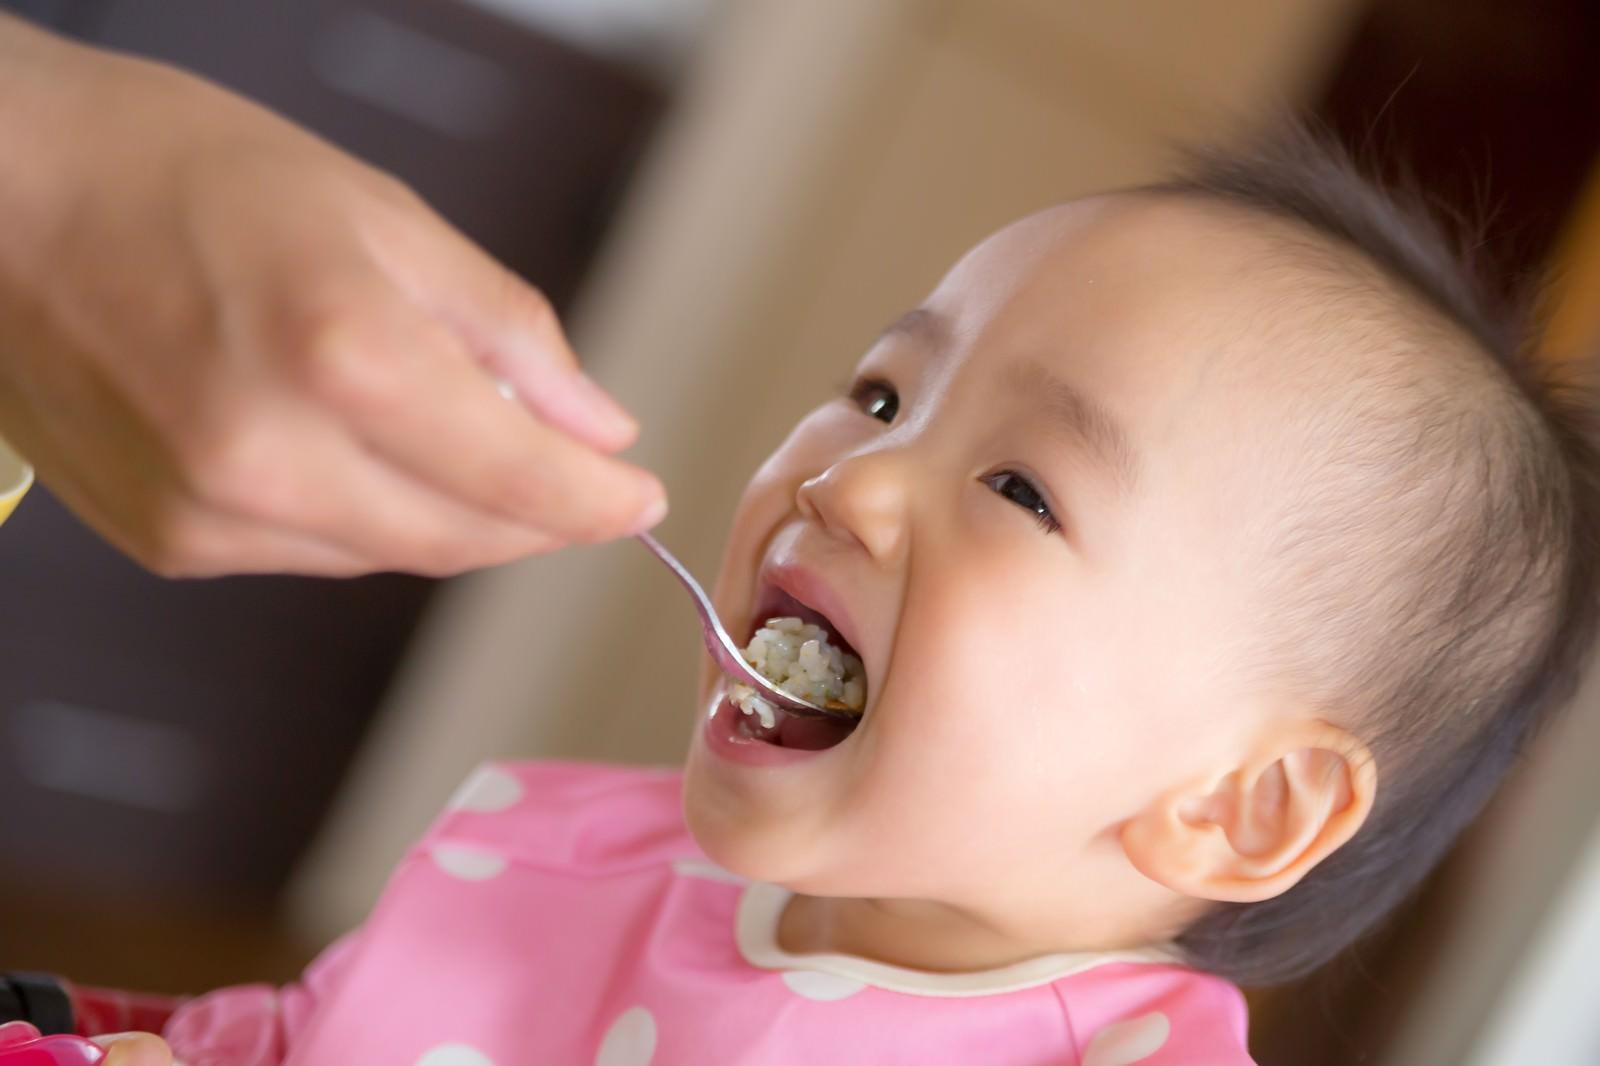 「大きなお口でご飯をあーんする赤ちゃん大きなお口でご飯をあーんする赤ちゃん」[モデル:あんじゅ]のフリー写真素材を拡大